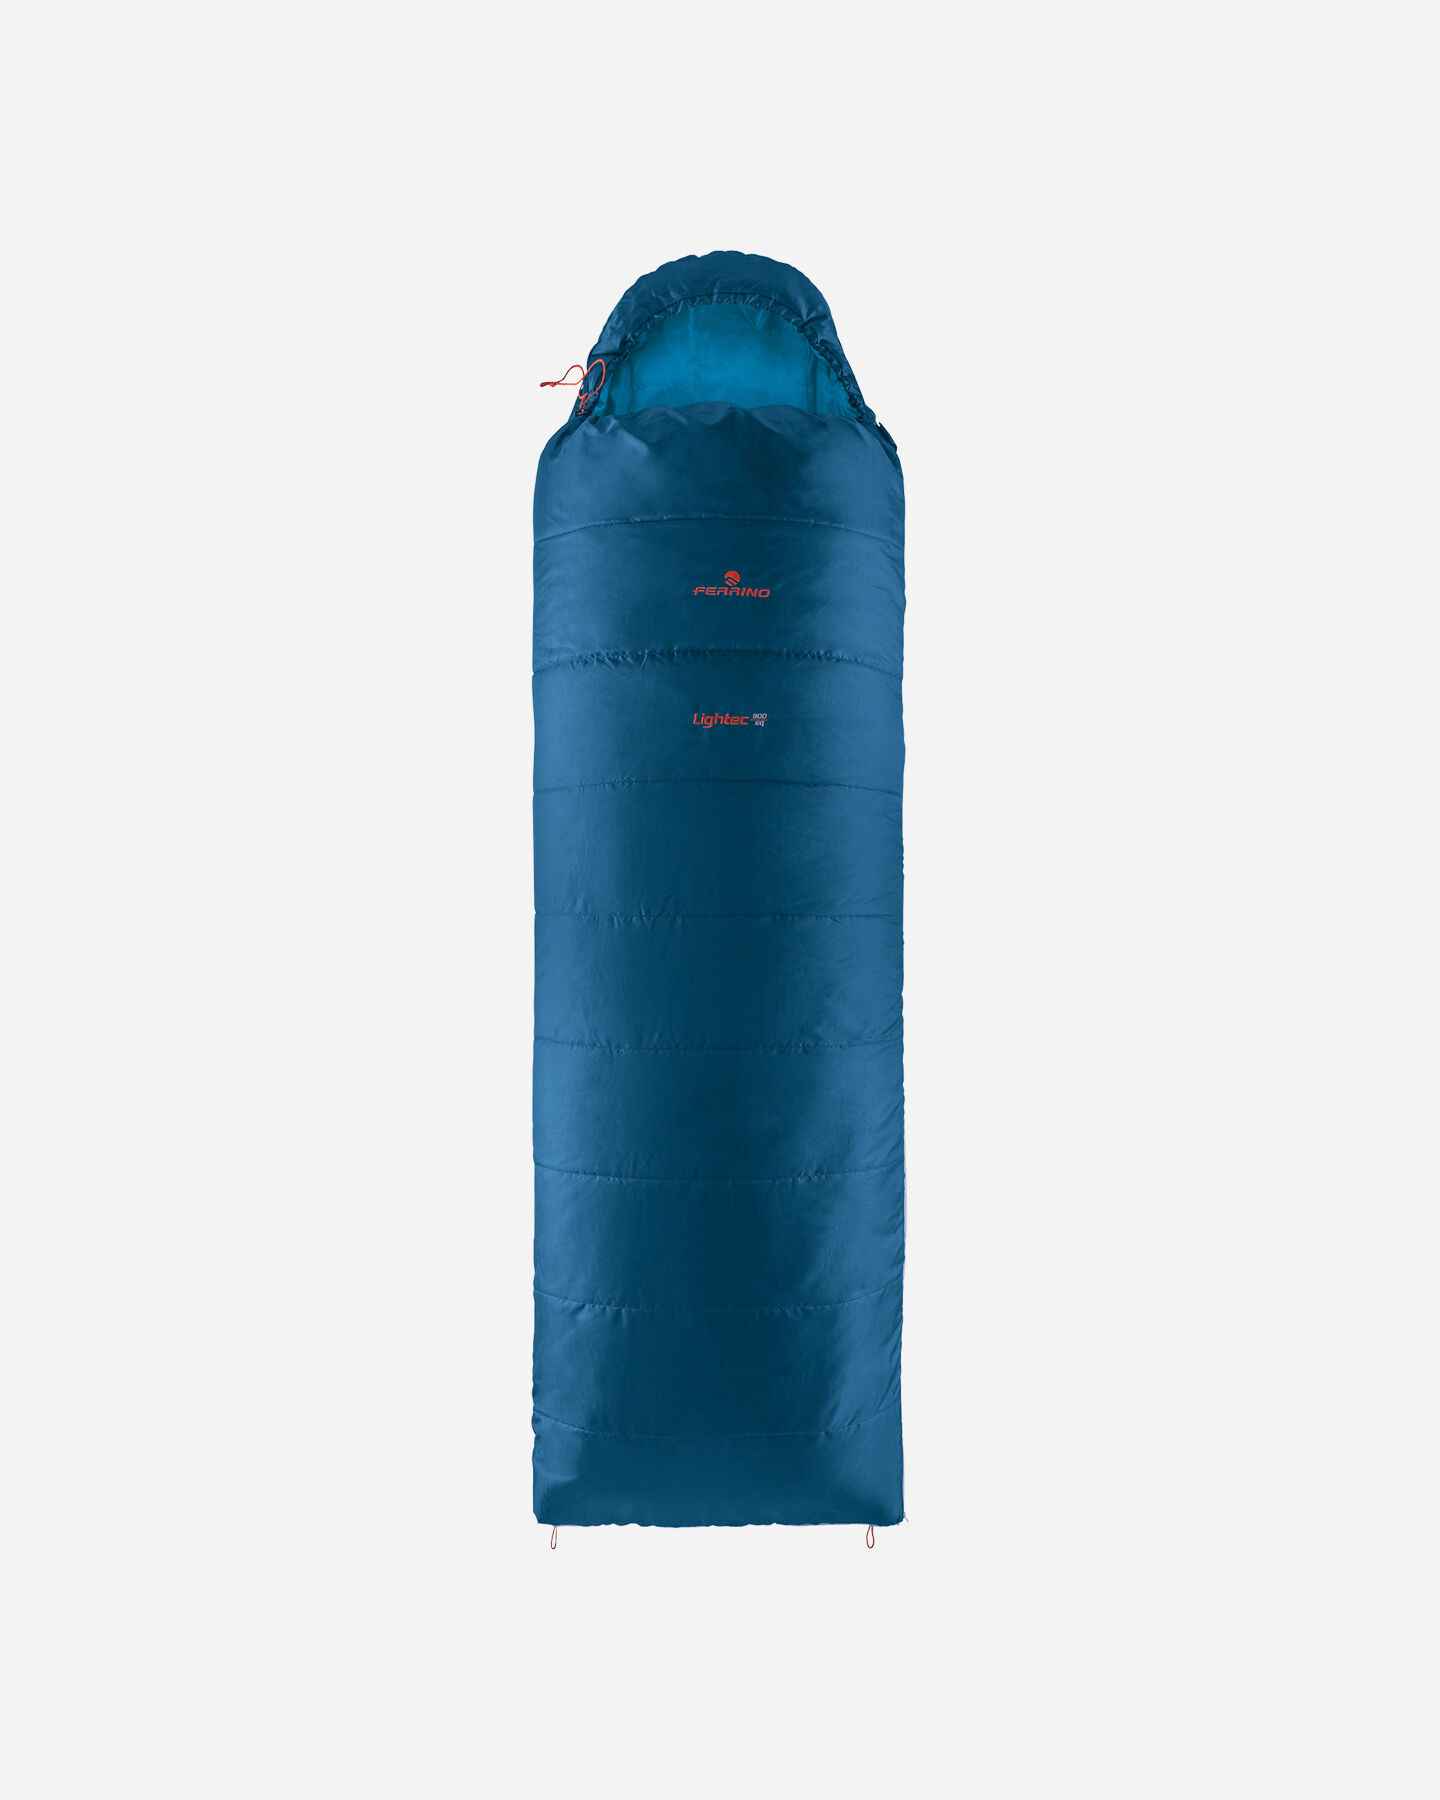 Sacco a pelo sintetico FERRINO LIGHTECH 900 SQUARE S4018995|EB|UNI scatto 0